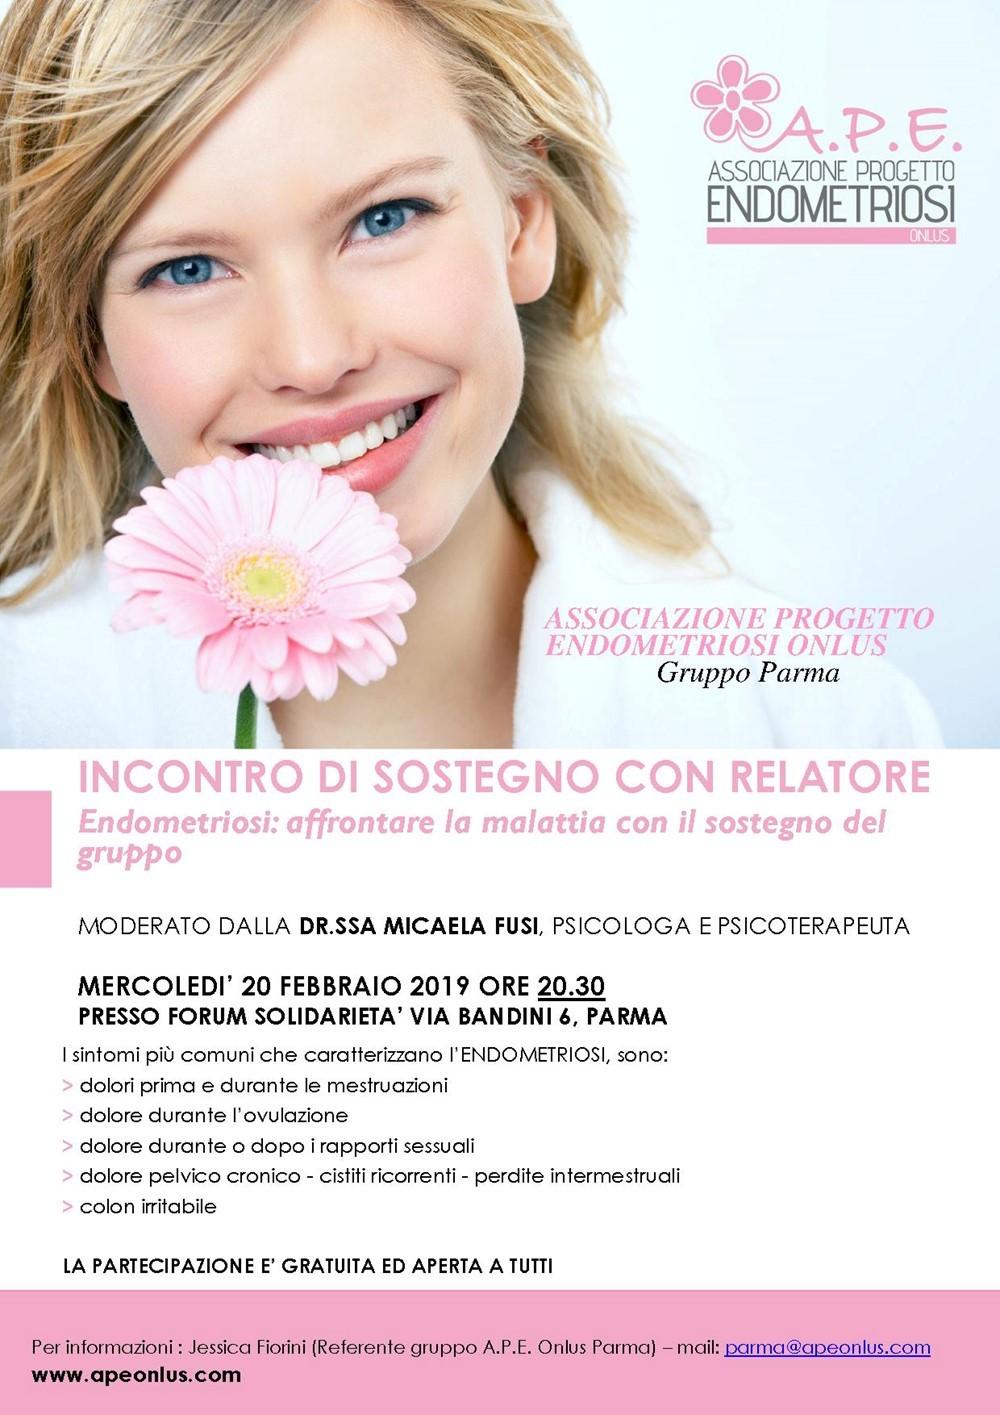 Associazione Progetto Endometriosi, incontro di sostegno